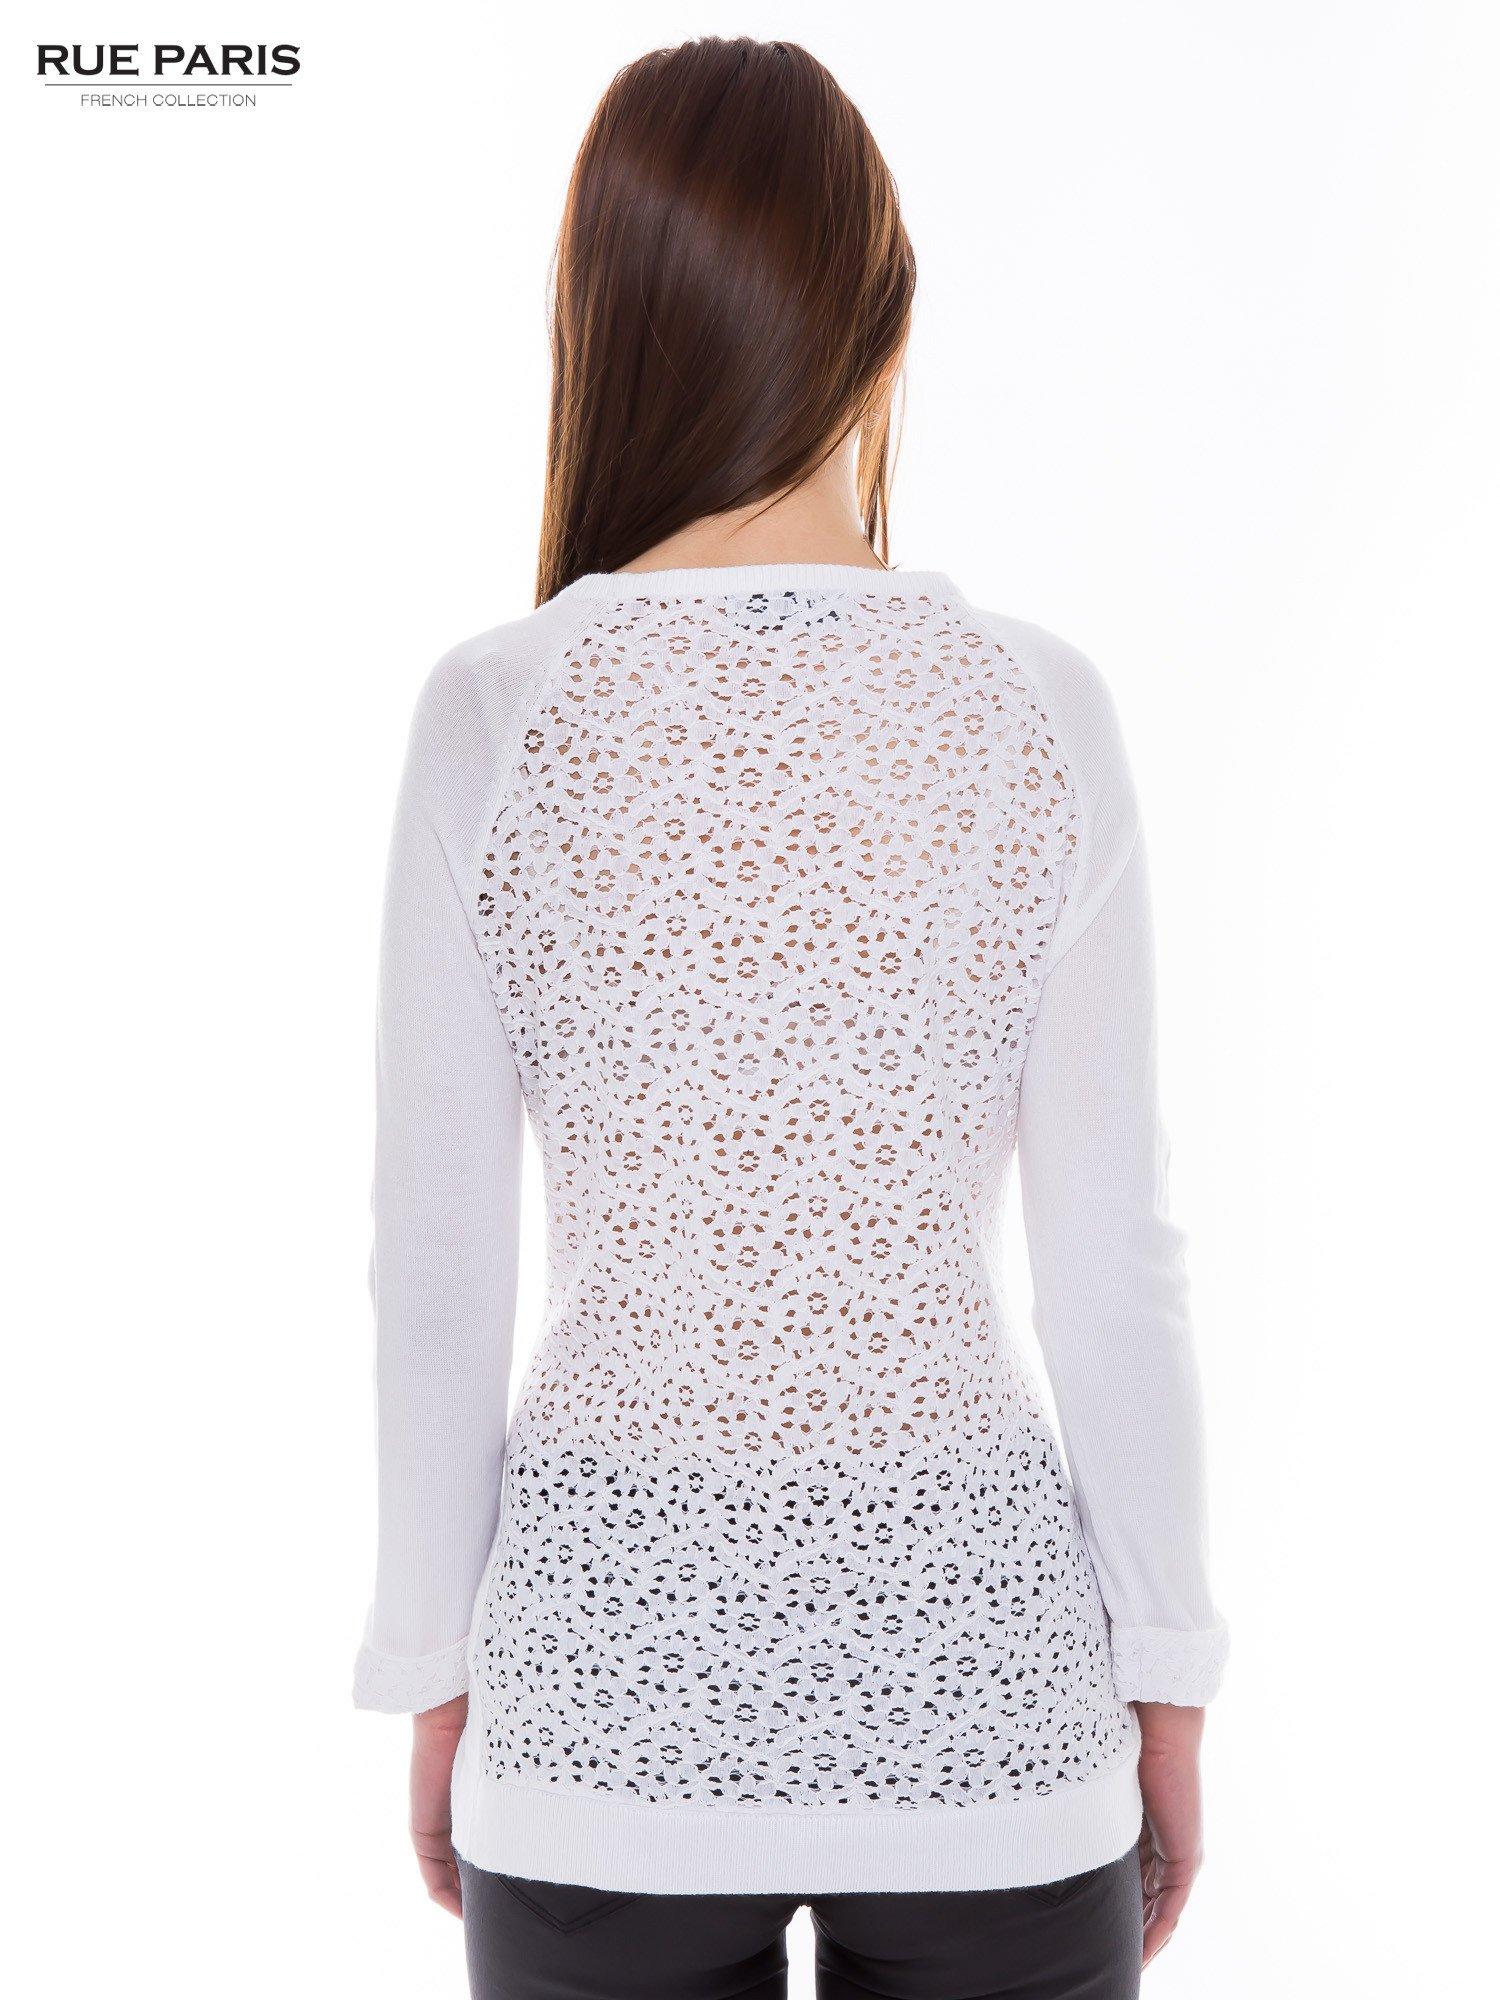 Biały sweter z długim rękawem wykończonym koronkowym mankietem                                  zdj.                                  3